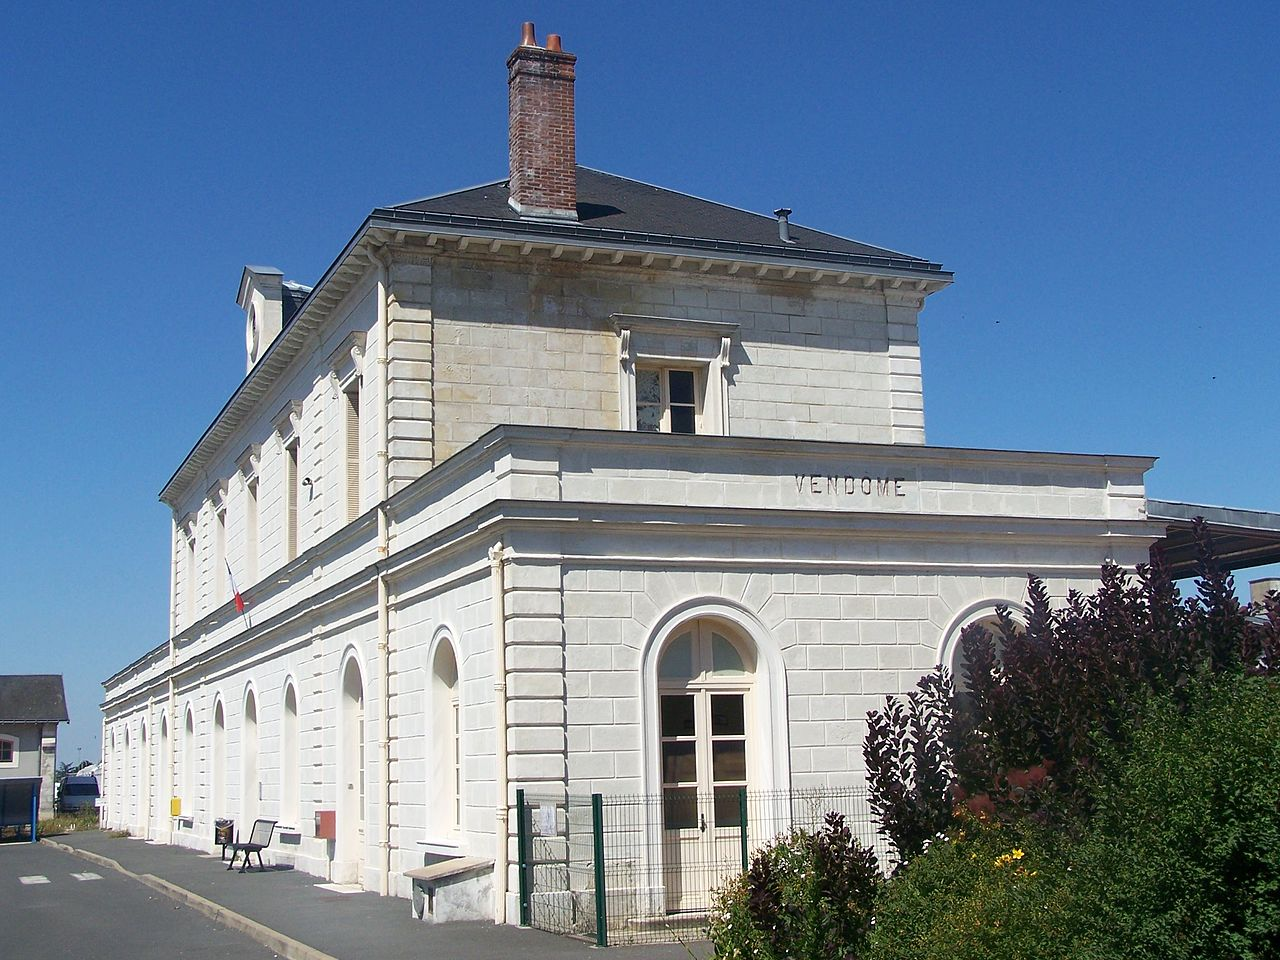 Vendome-train-station